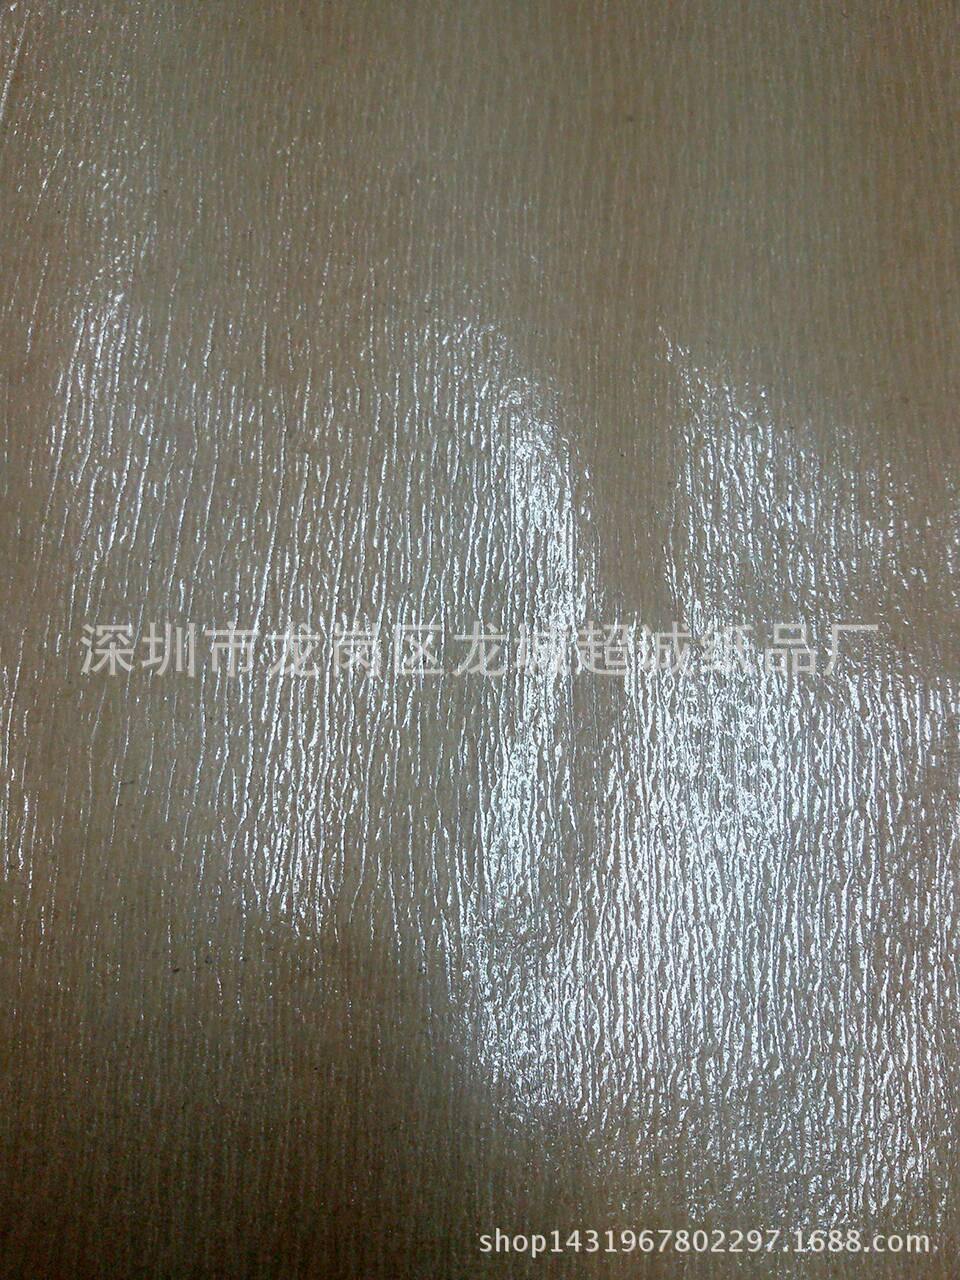 批发东莞皱纹膜纸 钢材分条隔离纸 皱纹夹丝防锈纸